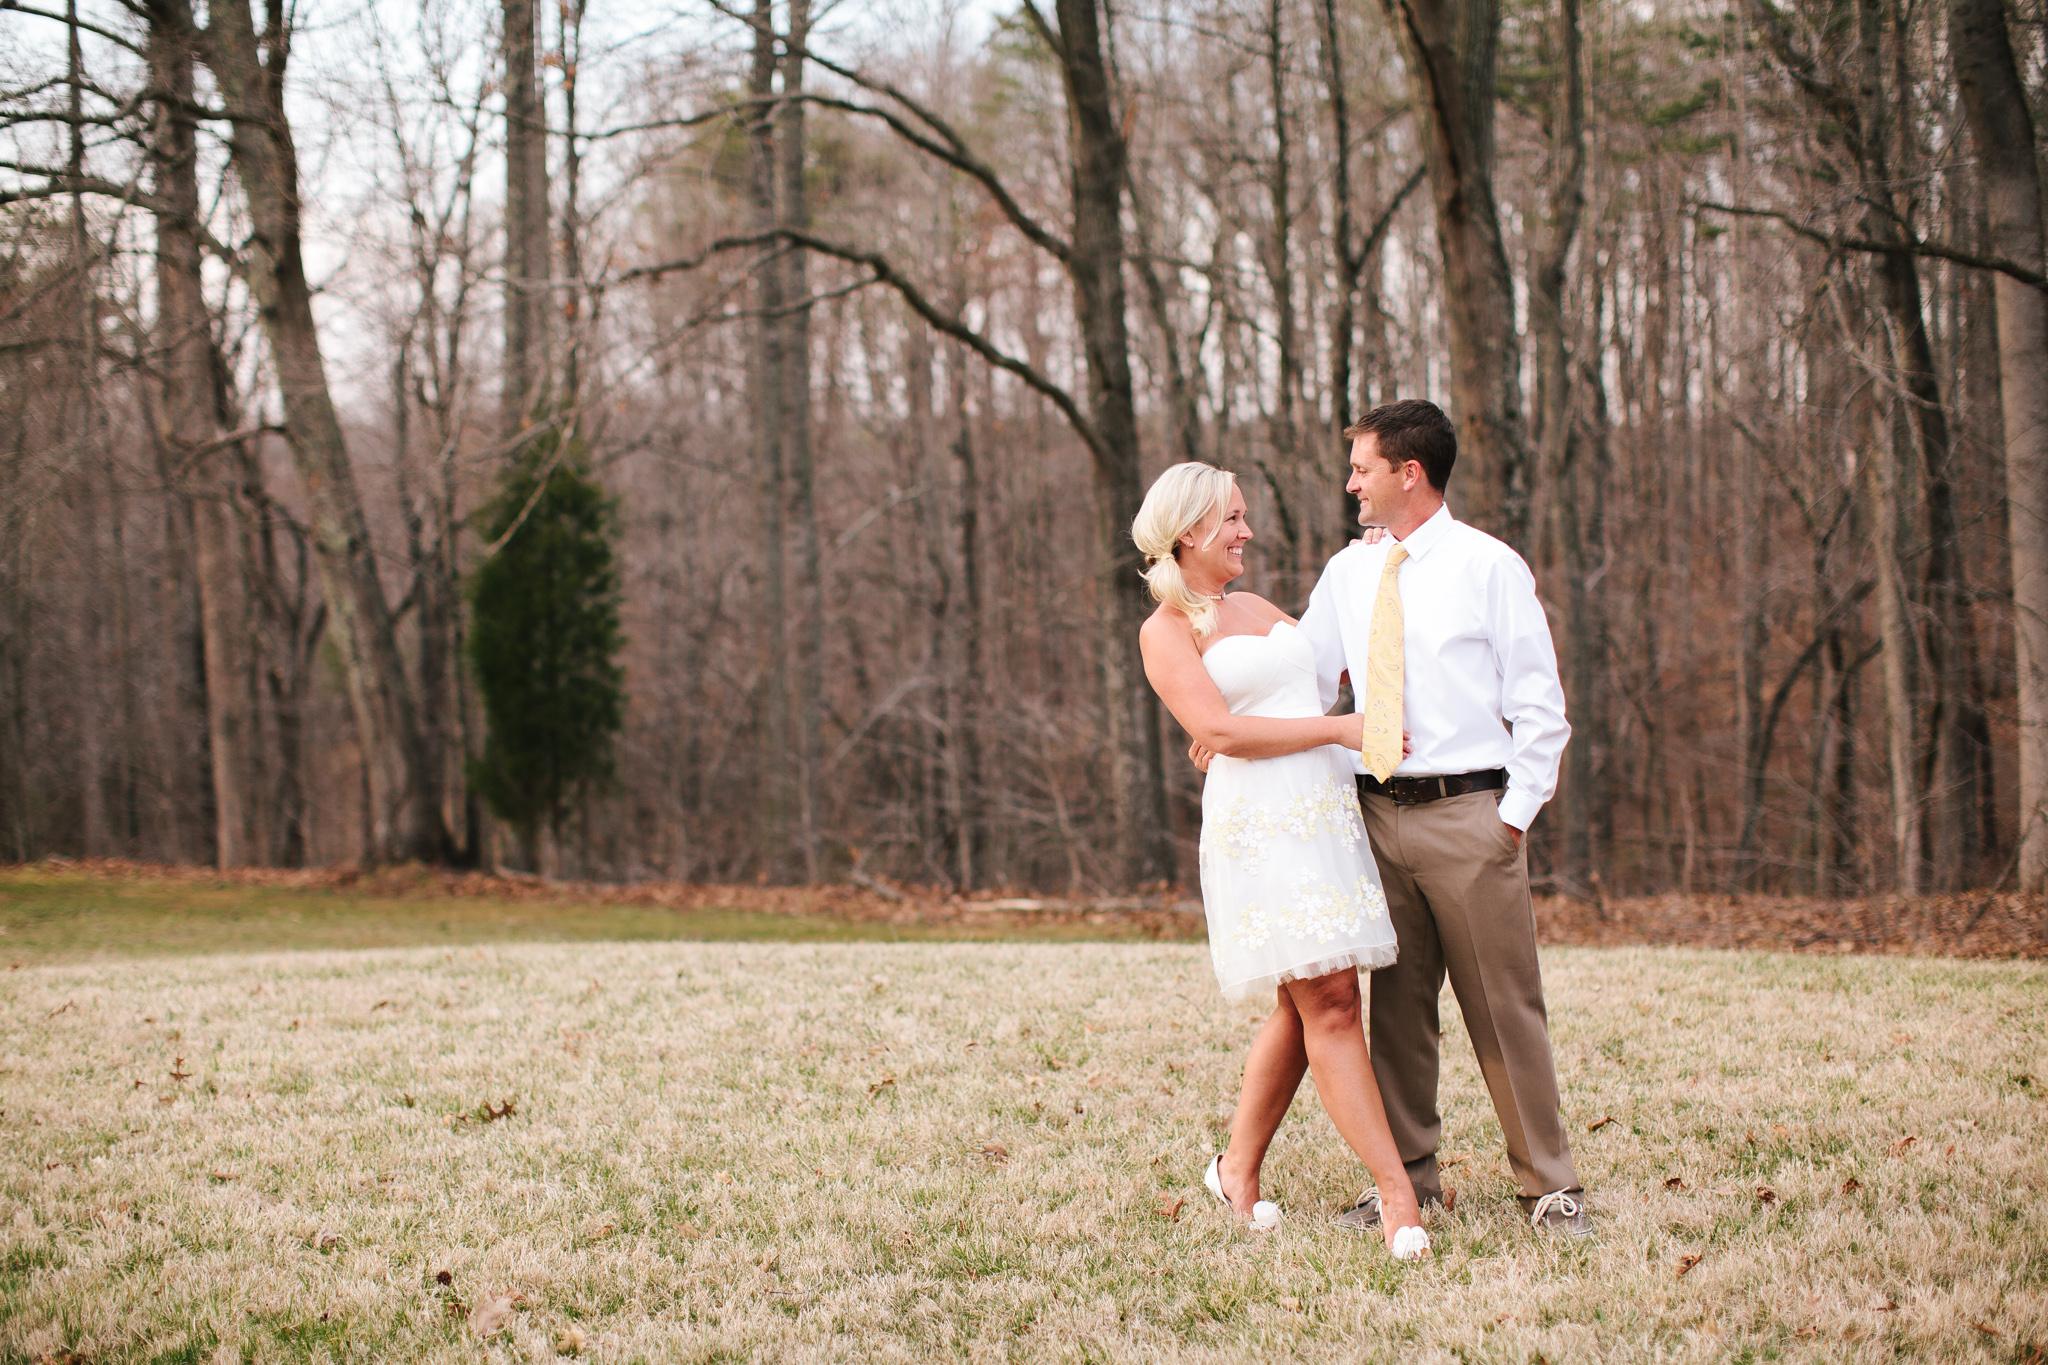 north_carolina_wedding_portraits_tierney_cyanne_photography_1436.jpg